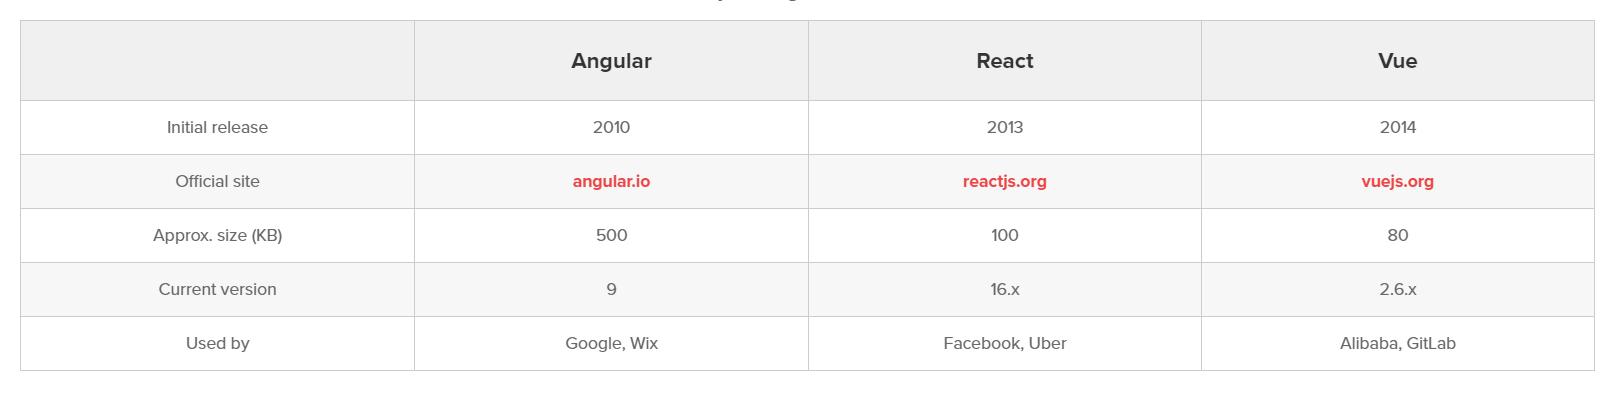 Angular vs React vs Vue - Framework Size